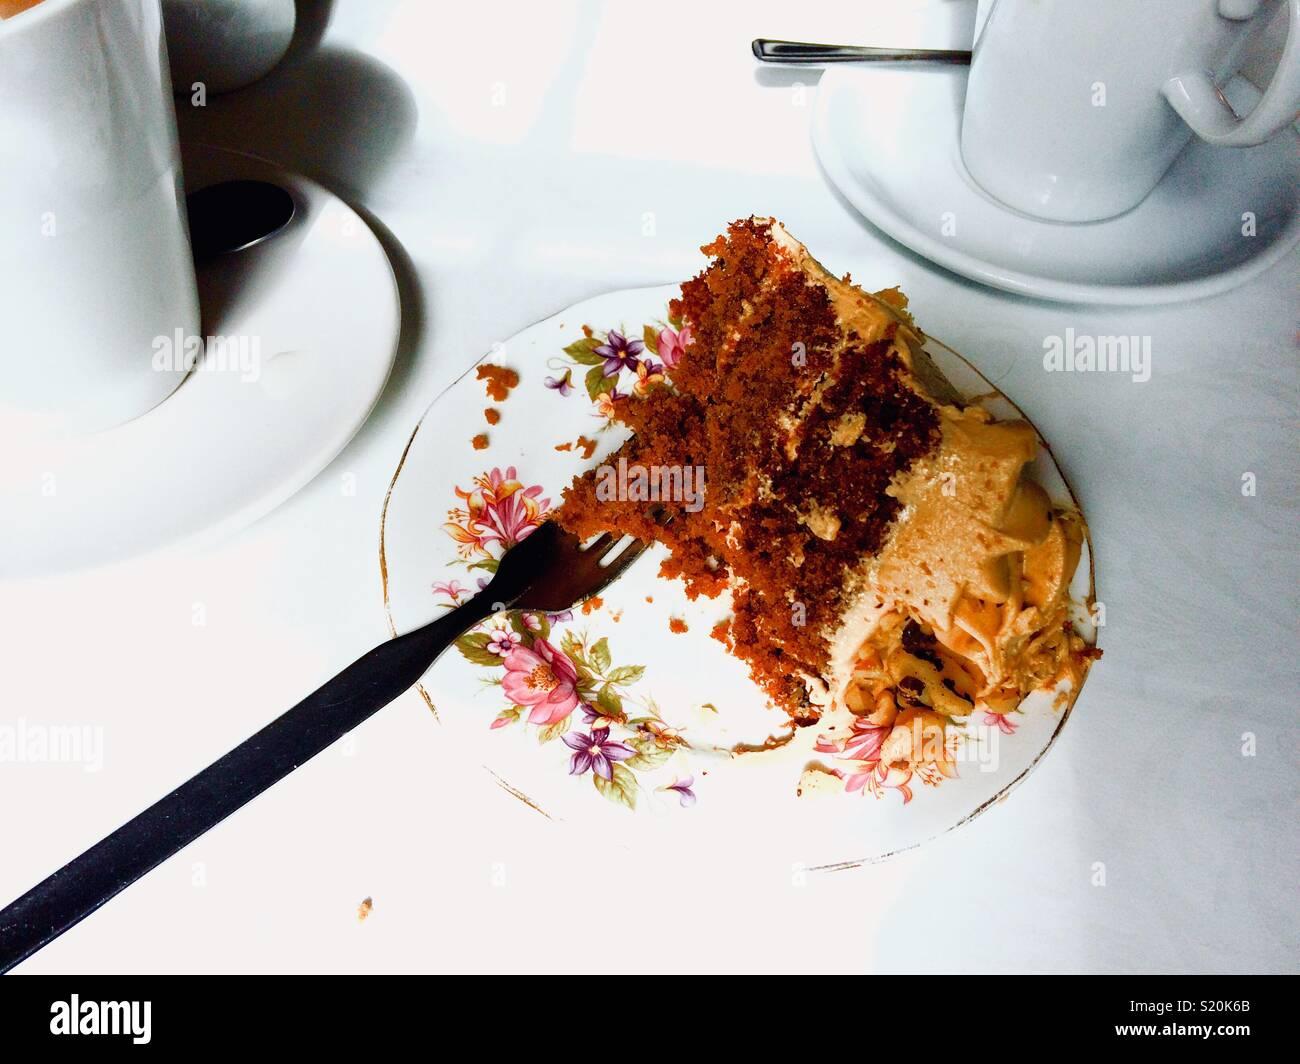 Zufriedenheit: teilweise Kaffee Kuchen auf einem Teller gegessen Stockbild